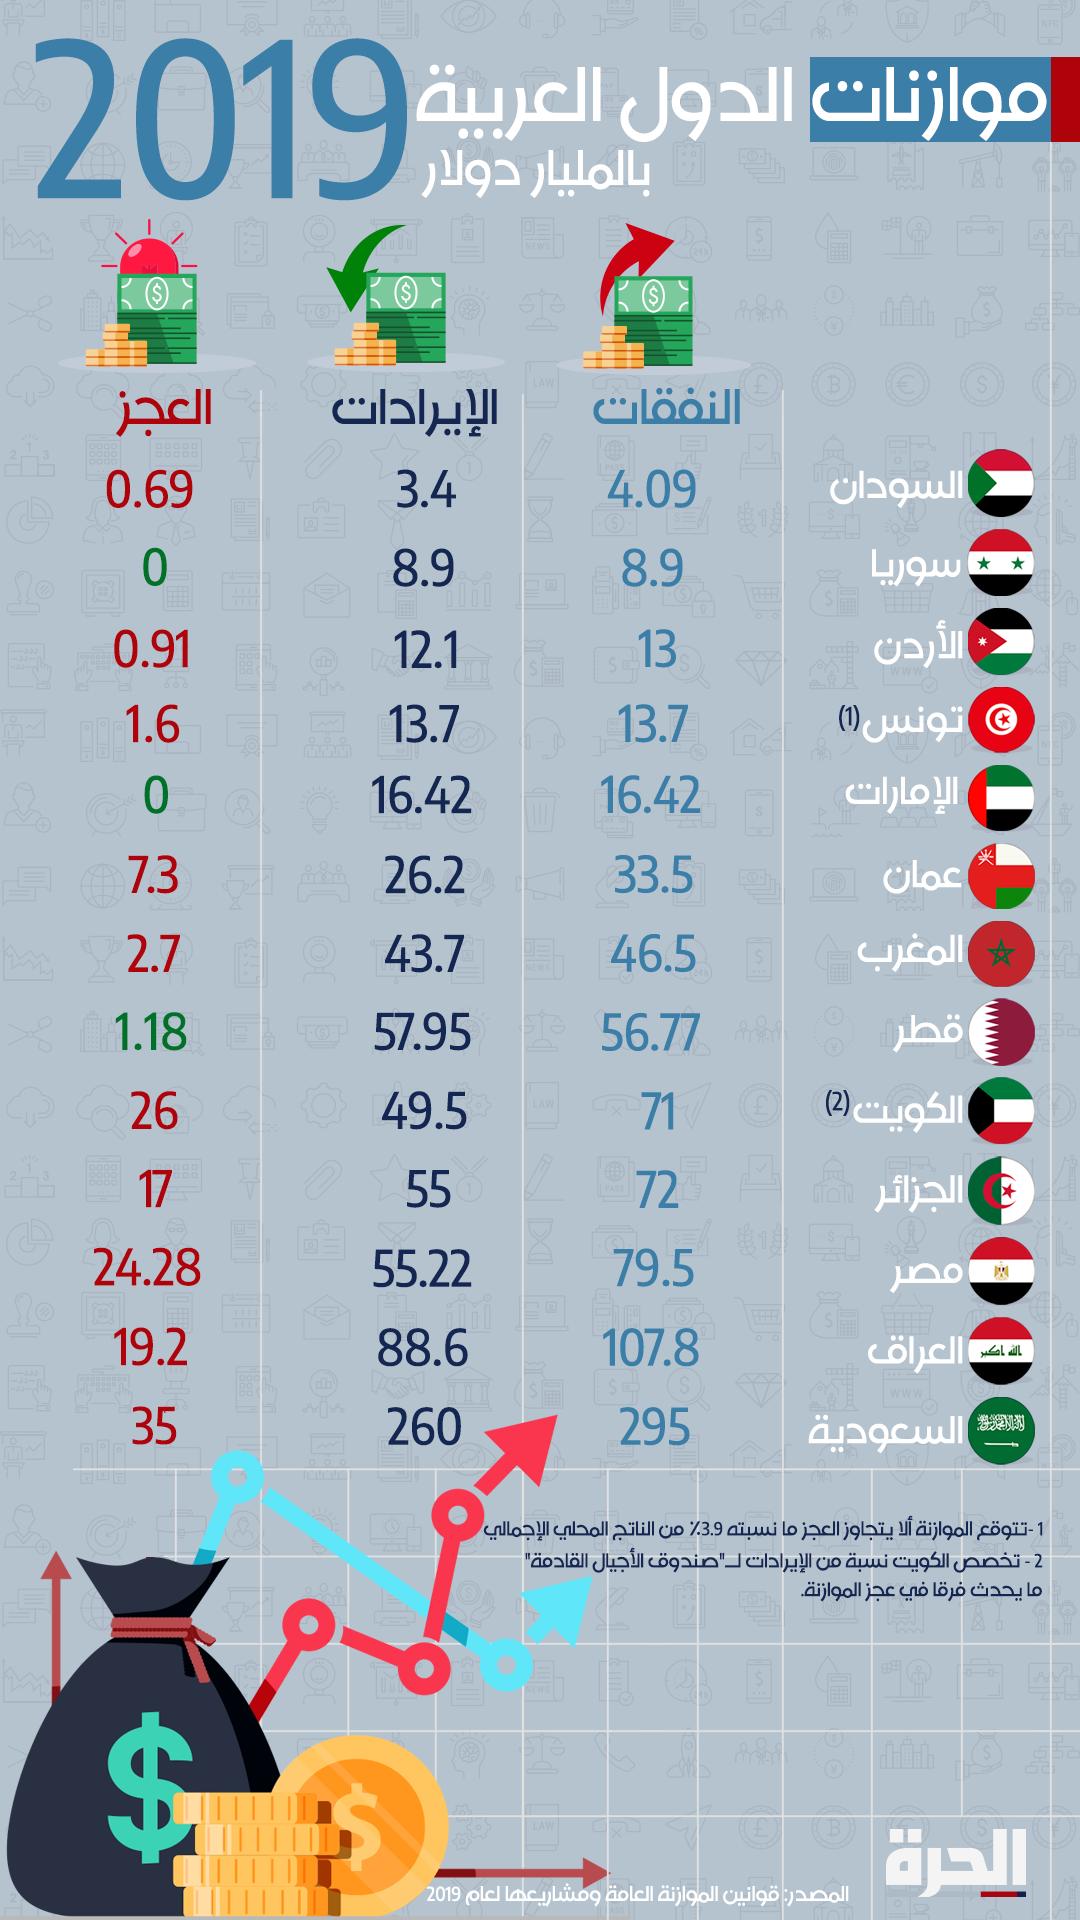 موازنات الدول العربية 2019